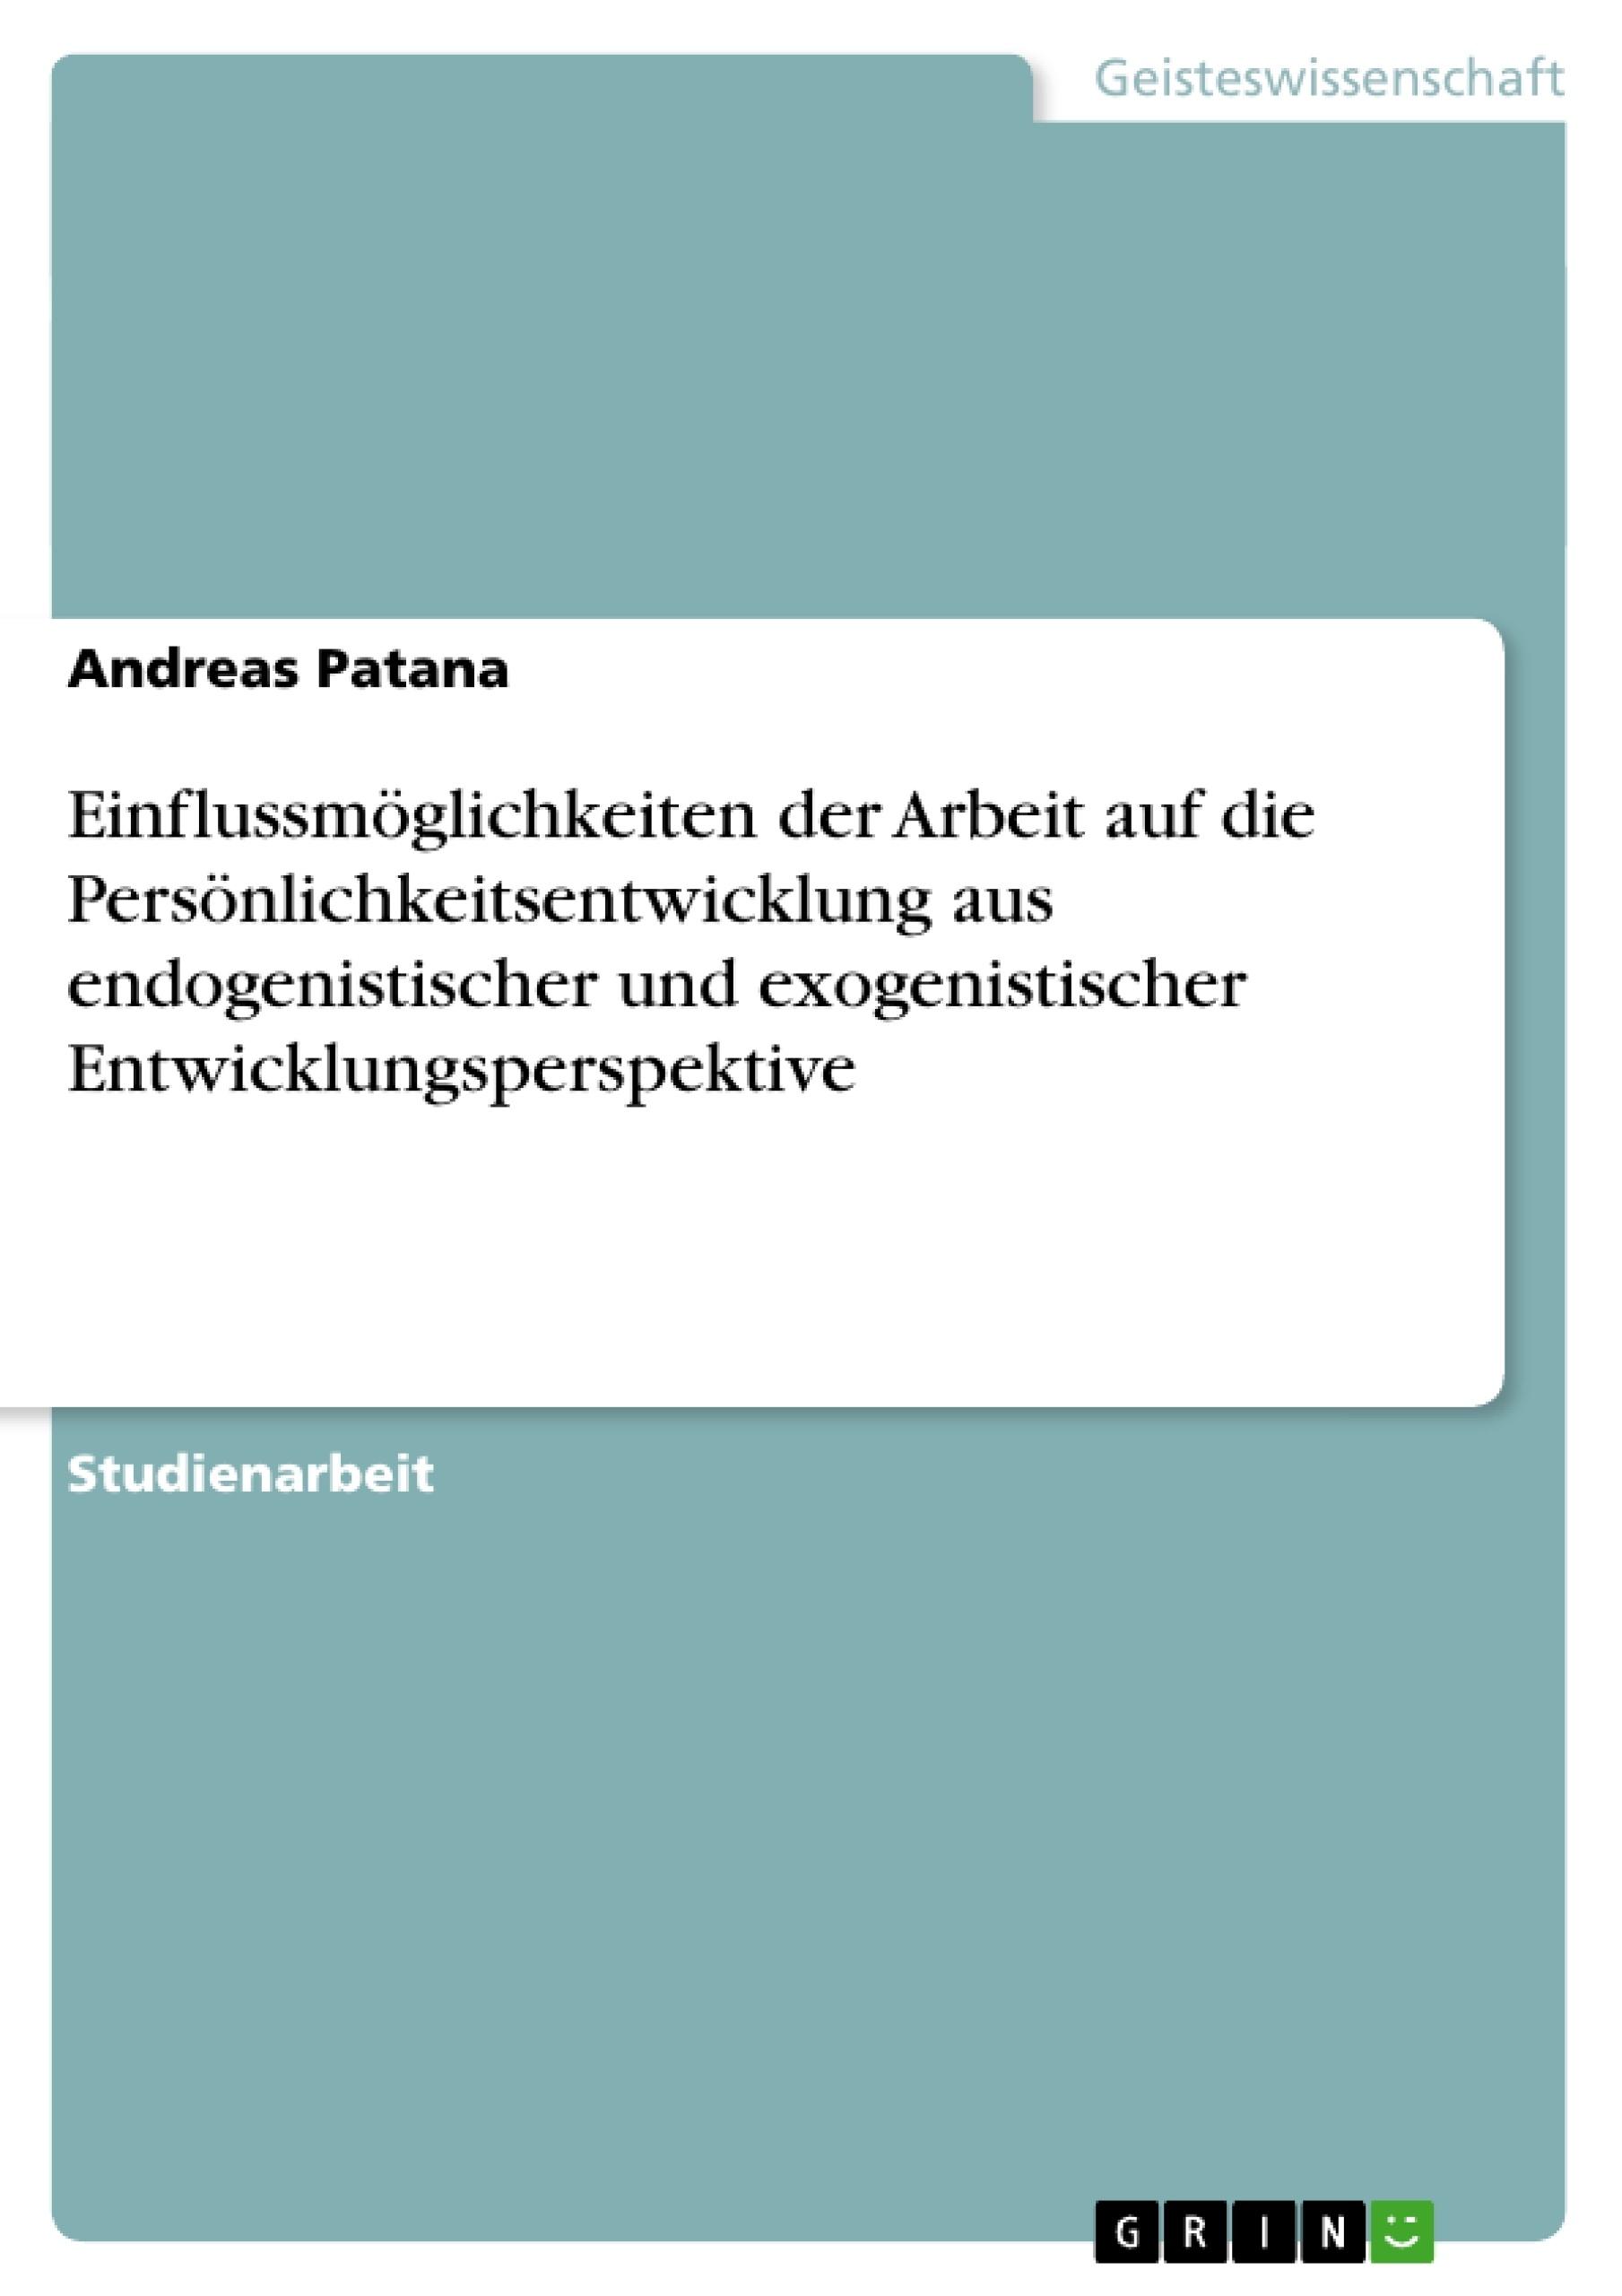 Titel: Einflussmöglichkeiten der Arbeit auf die Persönlichkeitsentwicklung aus endogenistischer und exogenistischer Entwicklungsperspektive